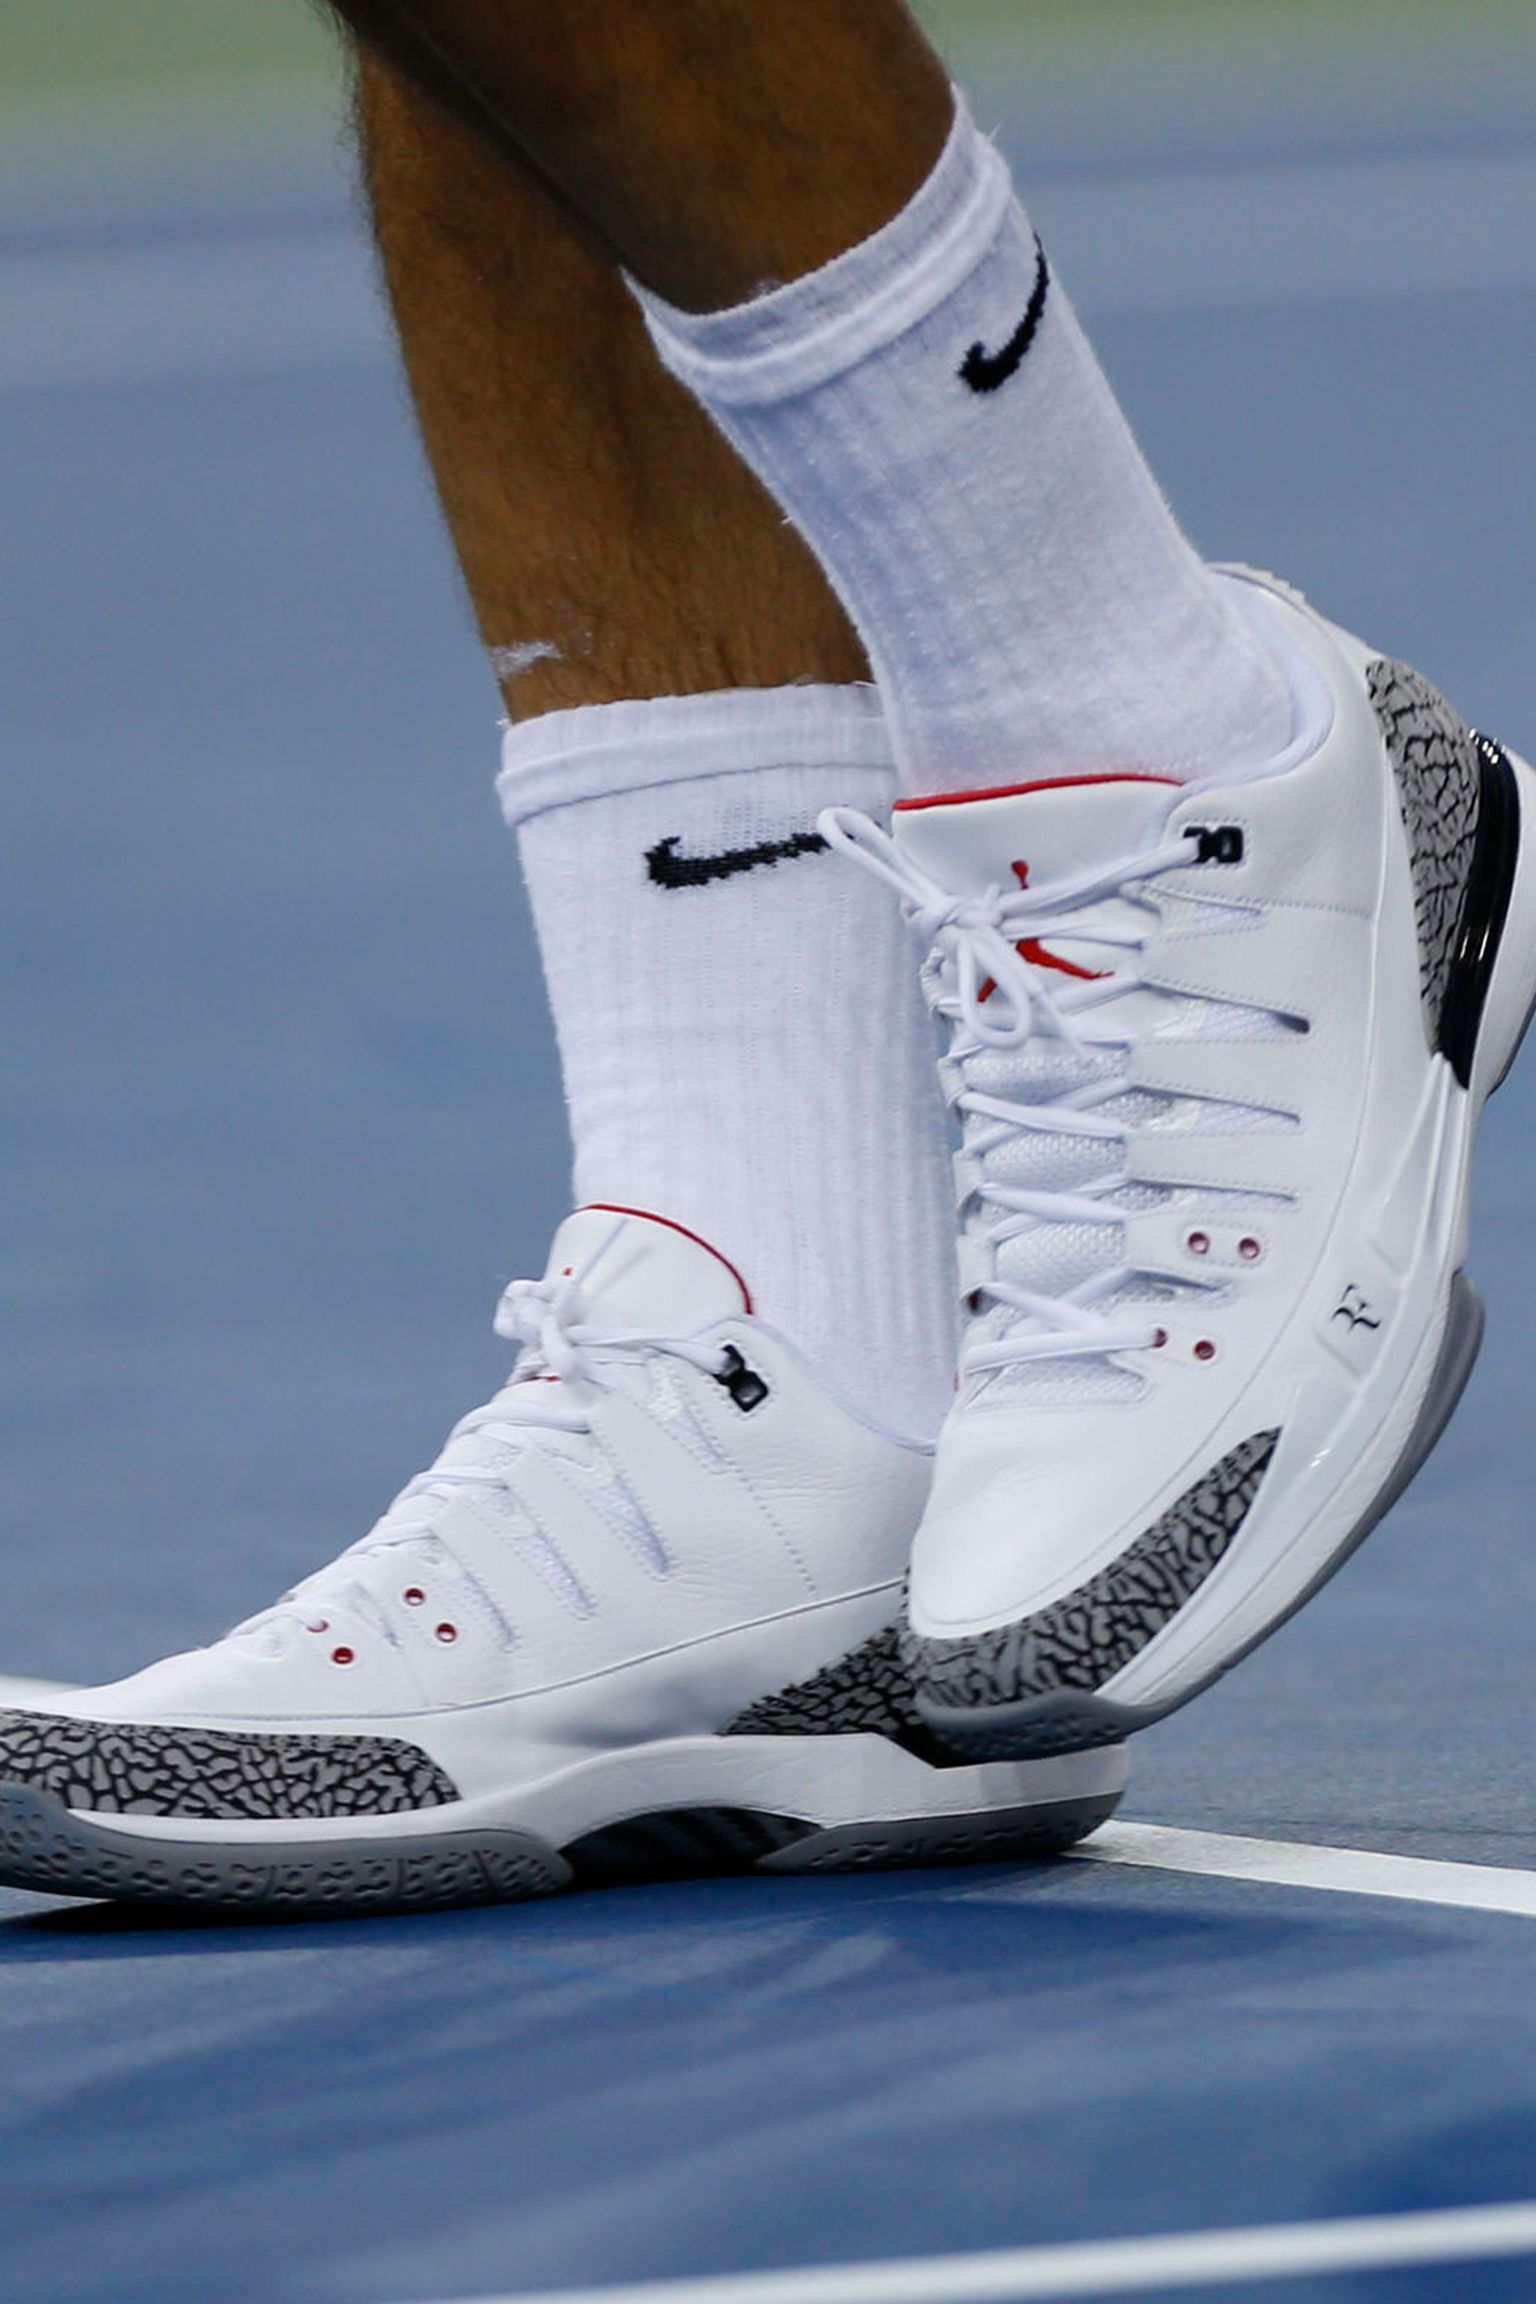 8ca6e049e9c7e9 Color White Fire Red-Cement Grey INSIDE THE VAULT Nike Zoom Vapor Air  Jordan 3 Black Cement - Official Images UNBOXING AIR JORDAN ...